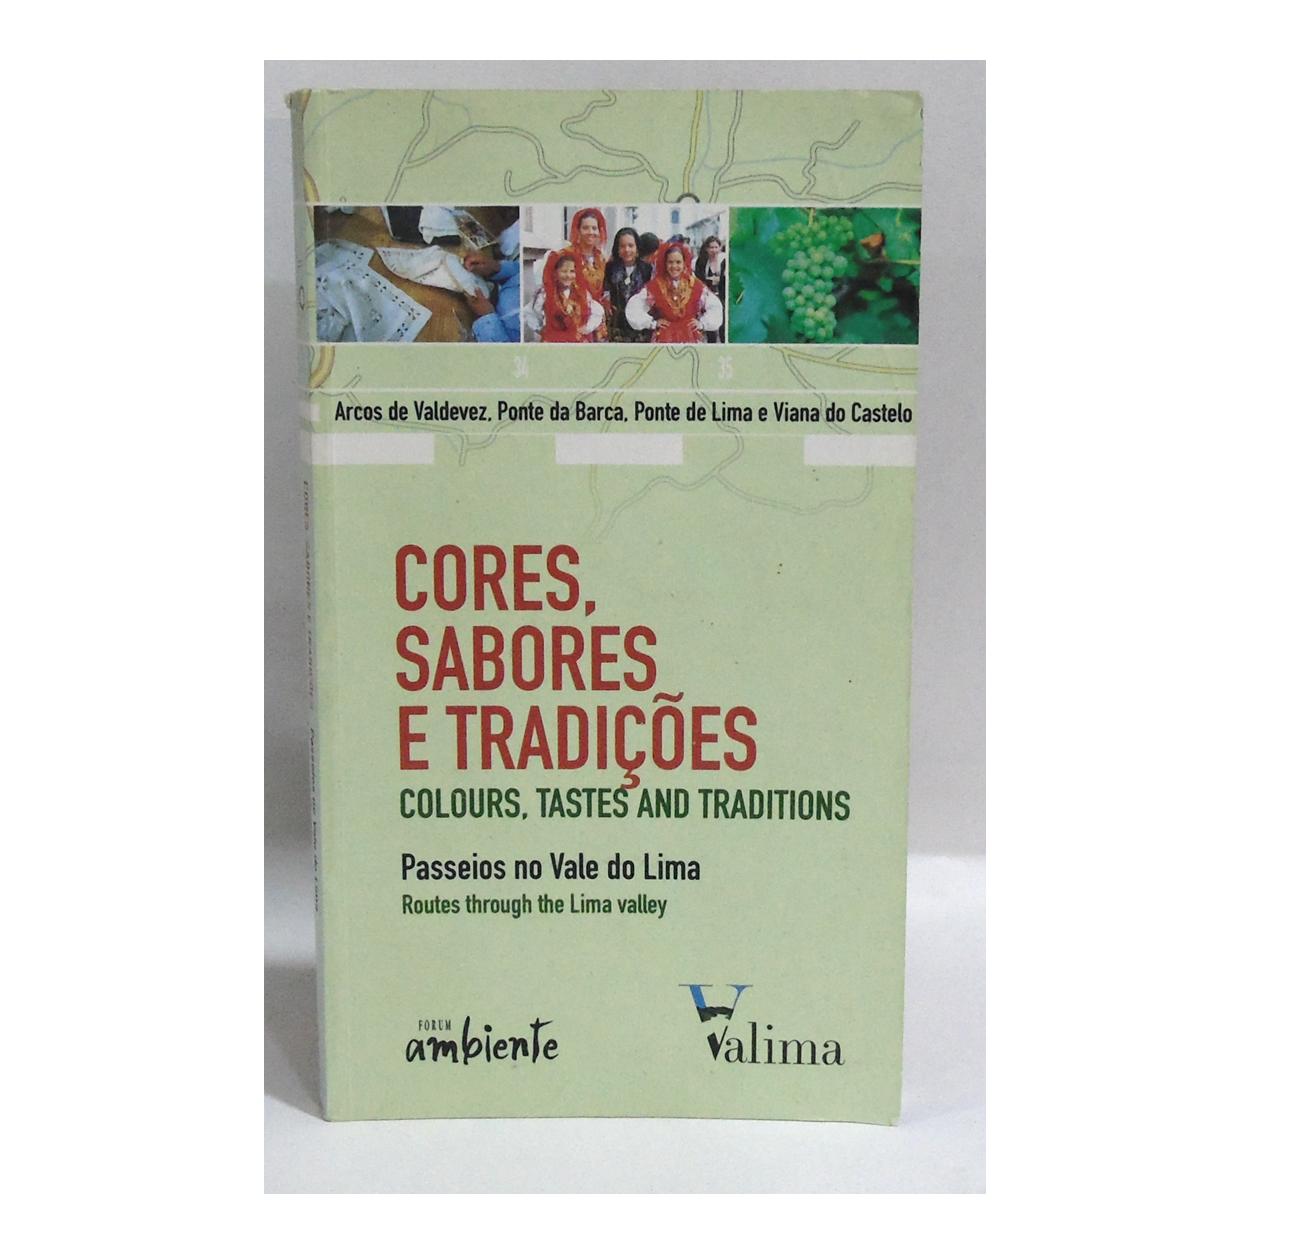 CORES, SABORES E TRADIÇÕES: PASSEIOS NO VALE DO LIMA